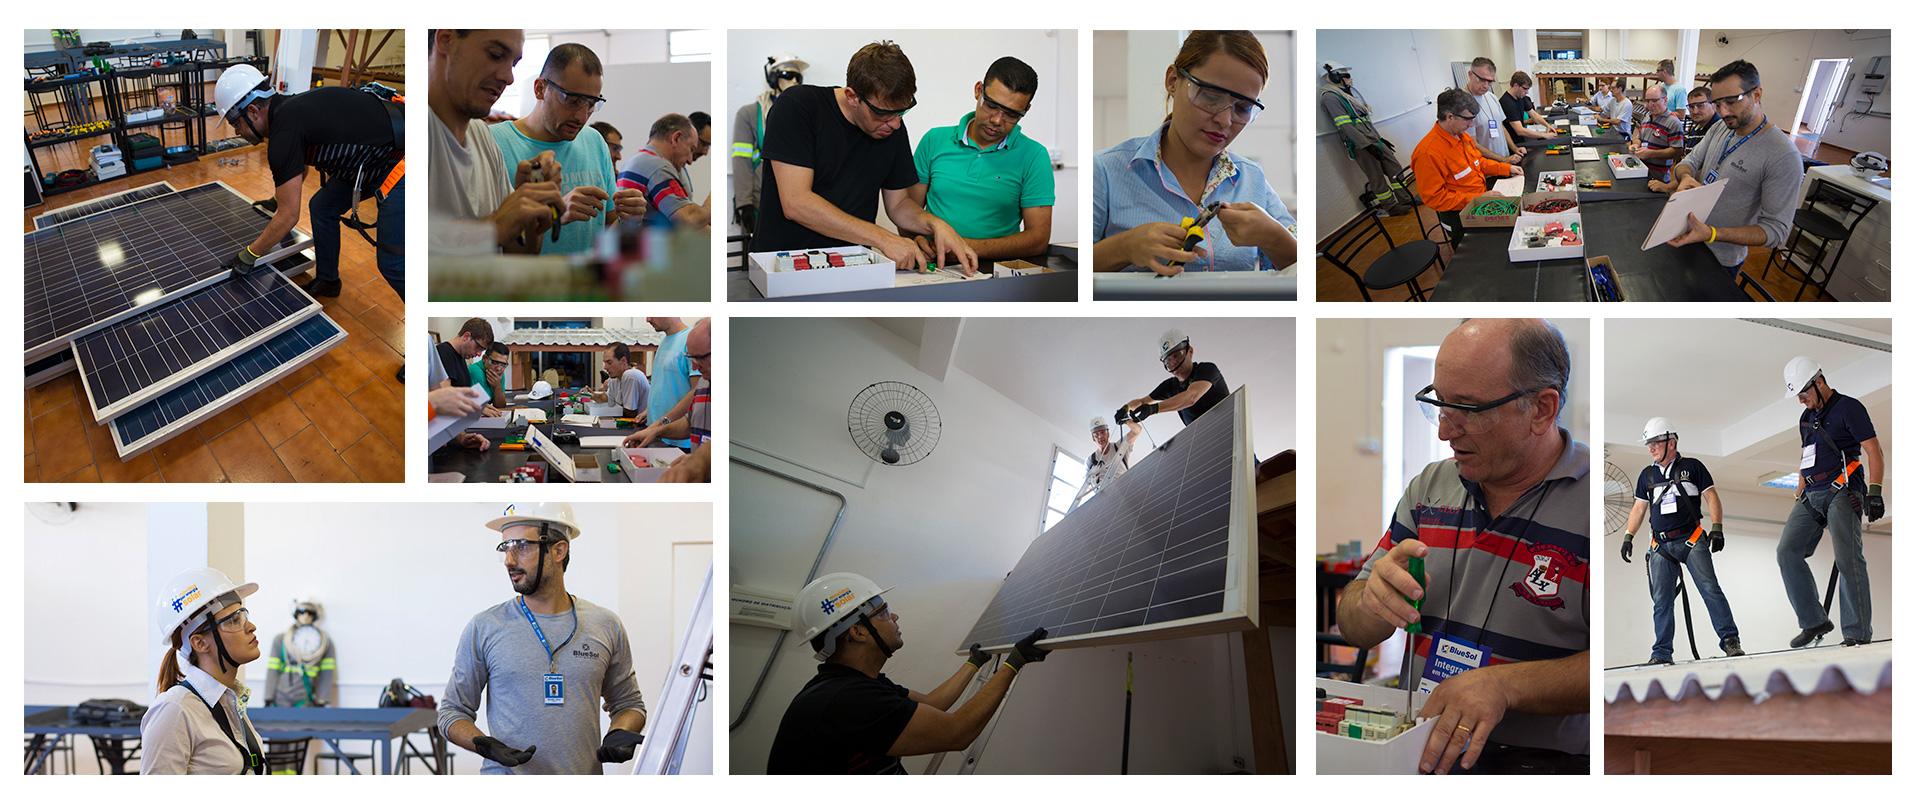 curso-de-energia-solar-centro-treinamento